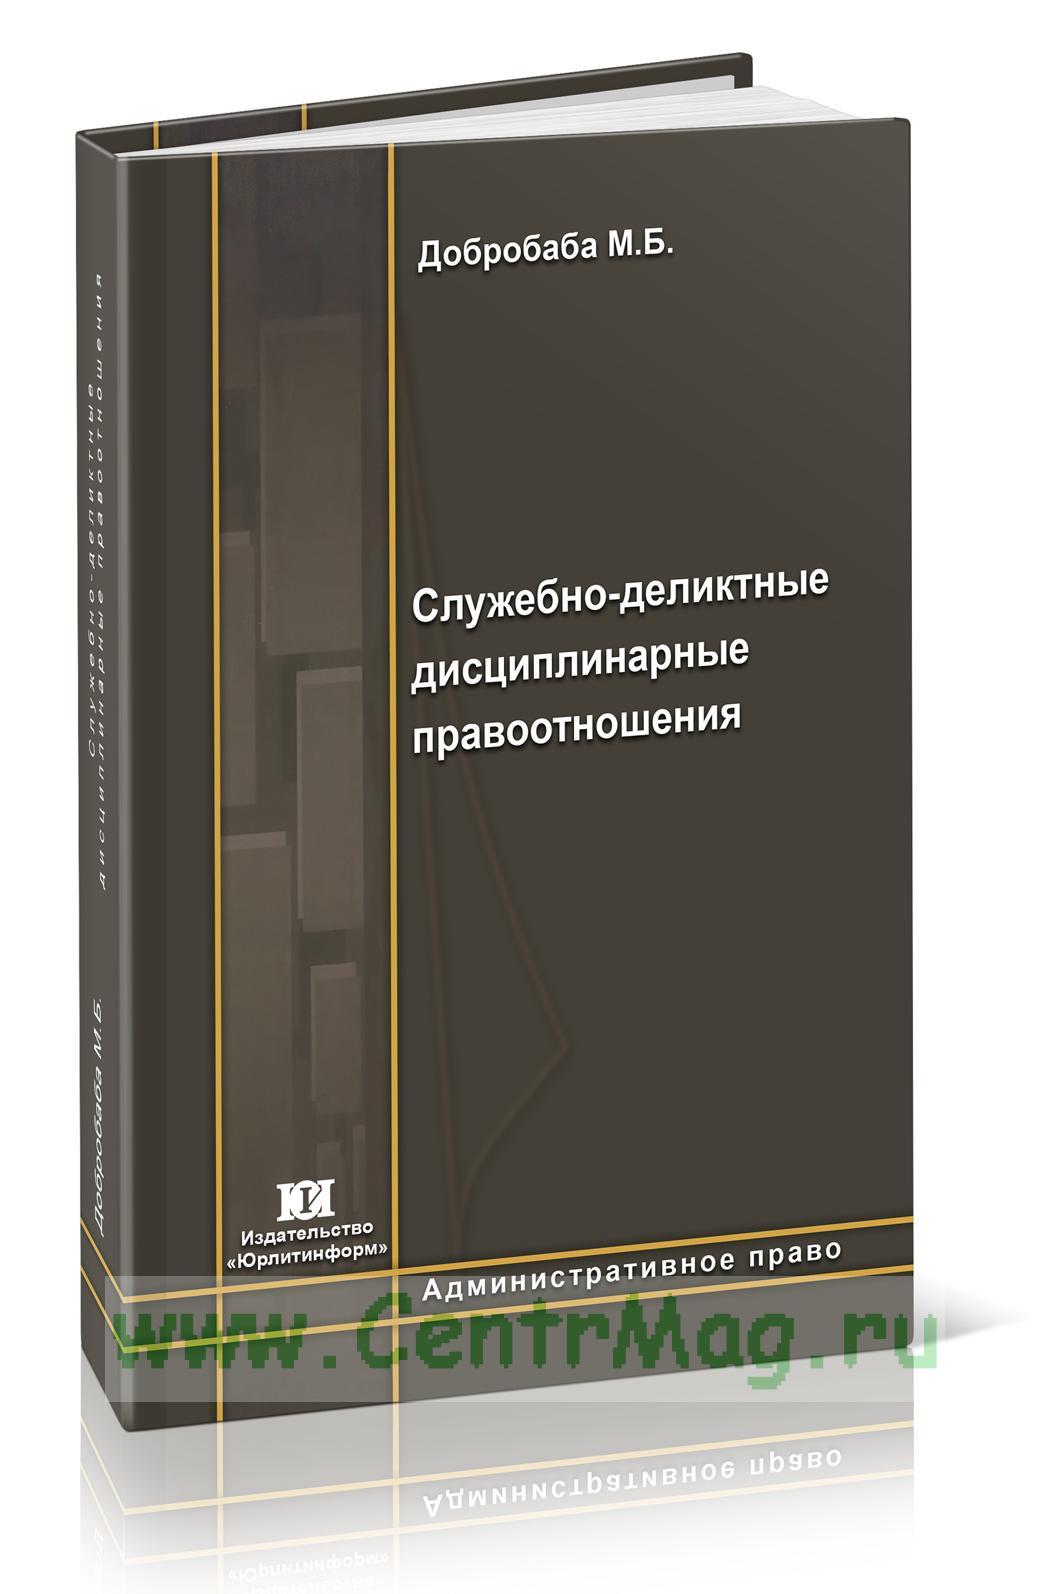 Служебно-деликтные дисциплинарные правоотношения (административно-правовое исследование): монография